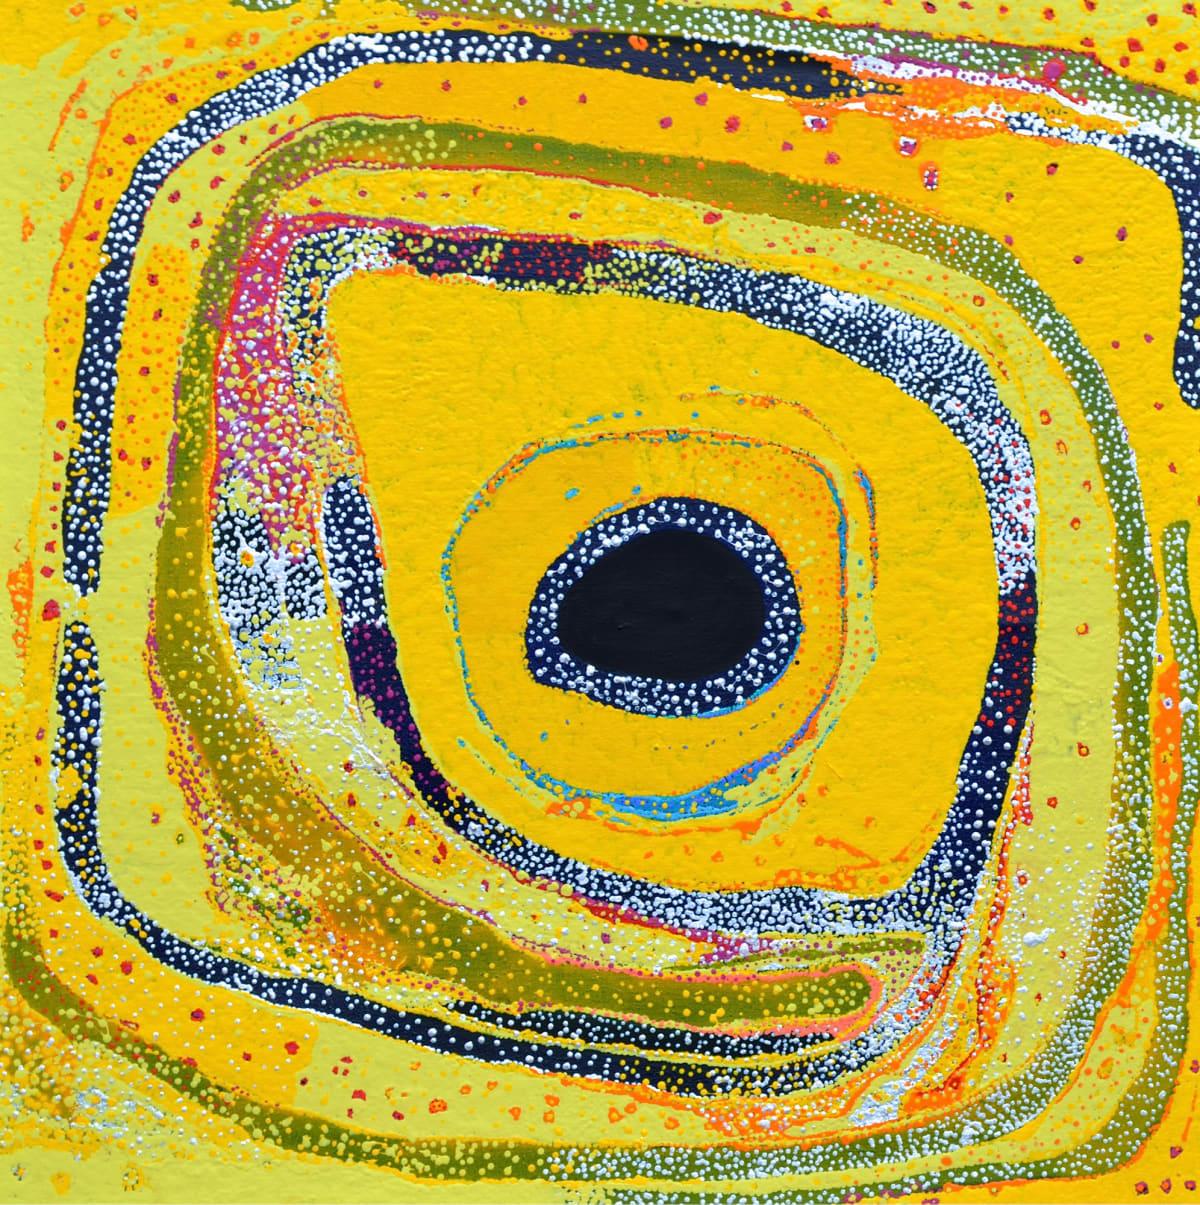 Daniel Walbidi Kirriwirri 2014 acrylic on linen 100 x 100 cm